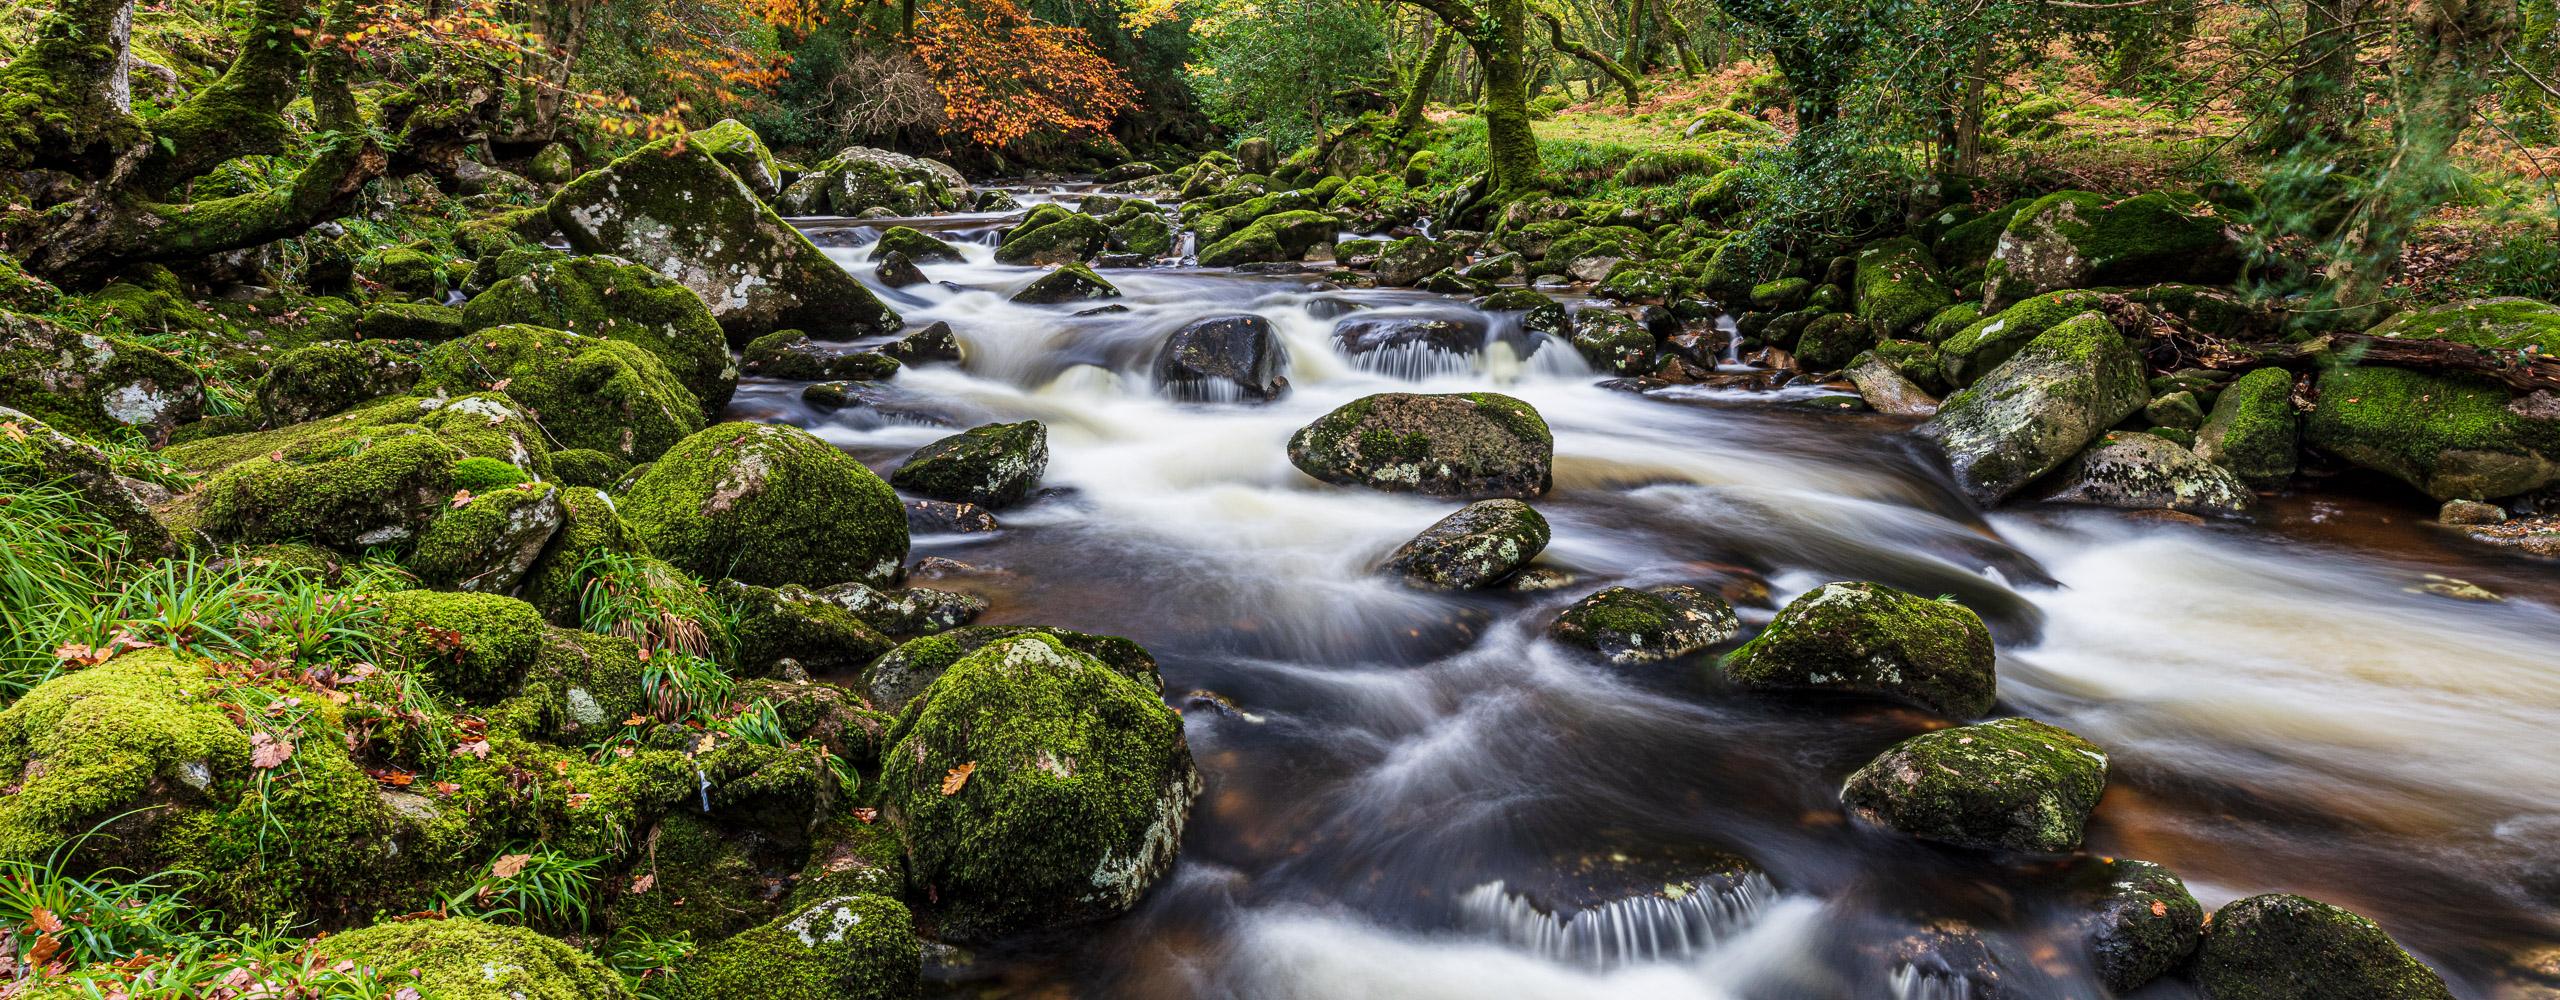 River Plym, Dartmoor, England